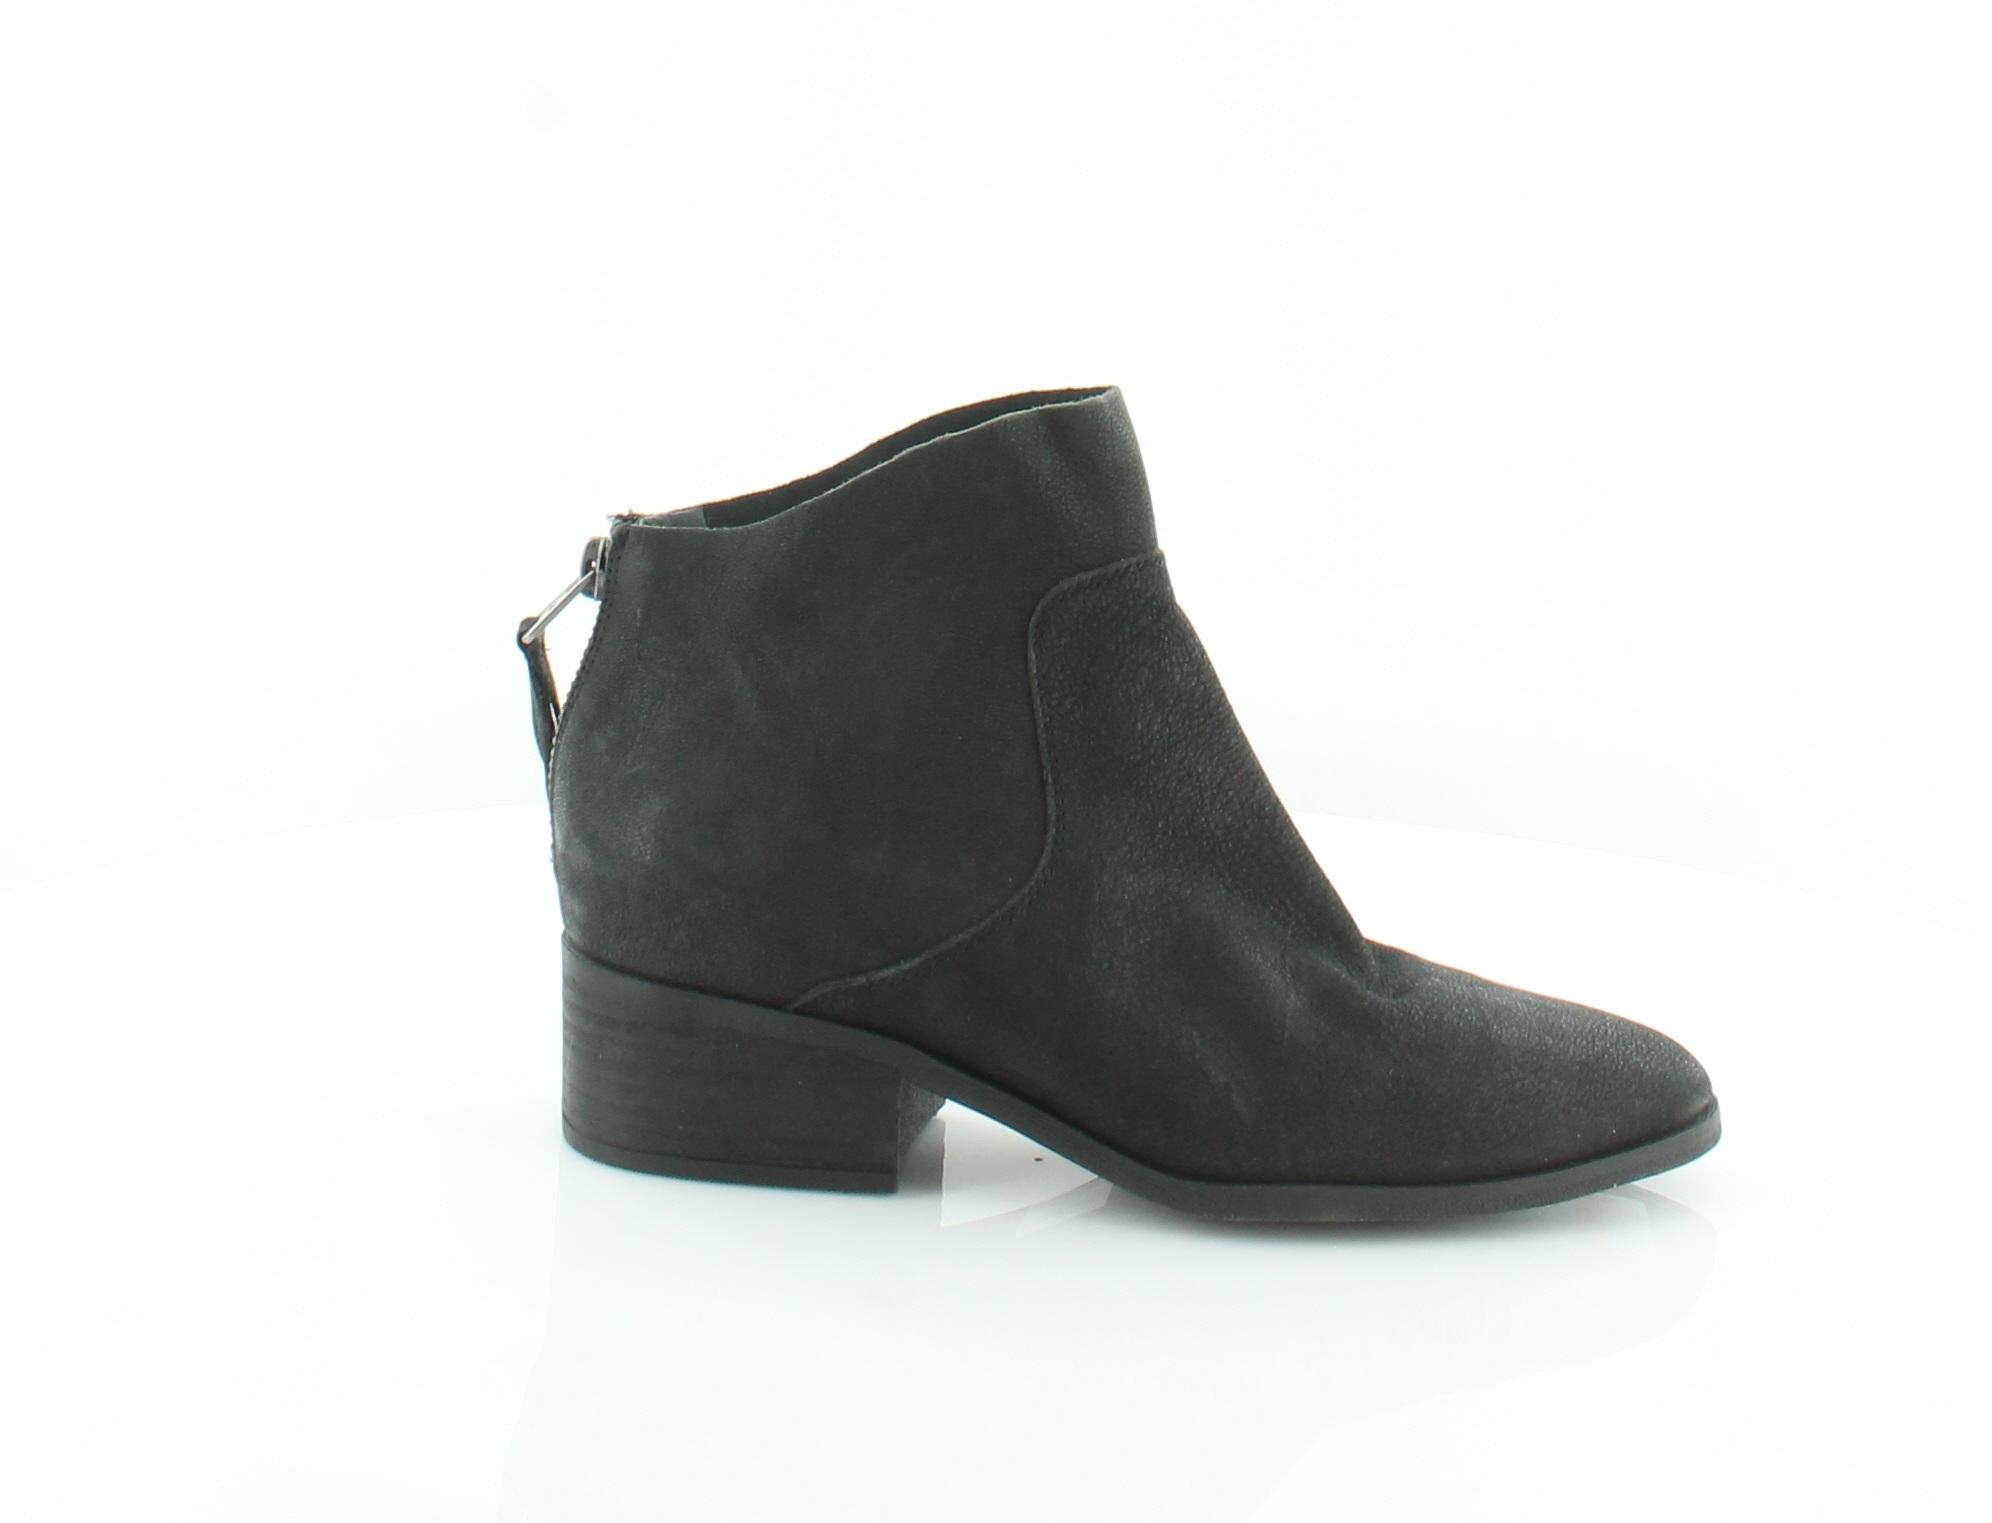 Lucky Brand lahela Negro Zapatos para mujer Talla 6.5 M M M botas precio minorista sugerido por el fabricante  129  ahorrar en el despacho